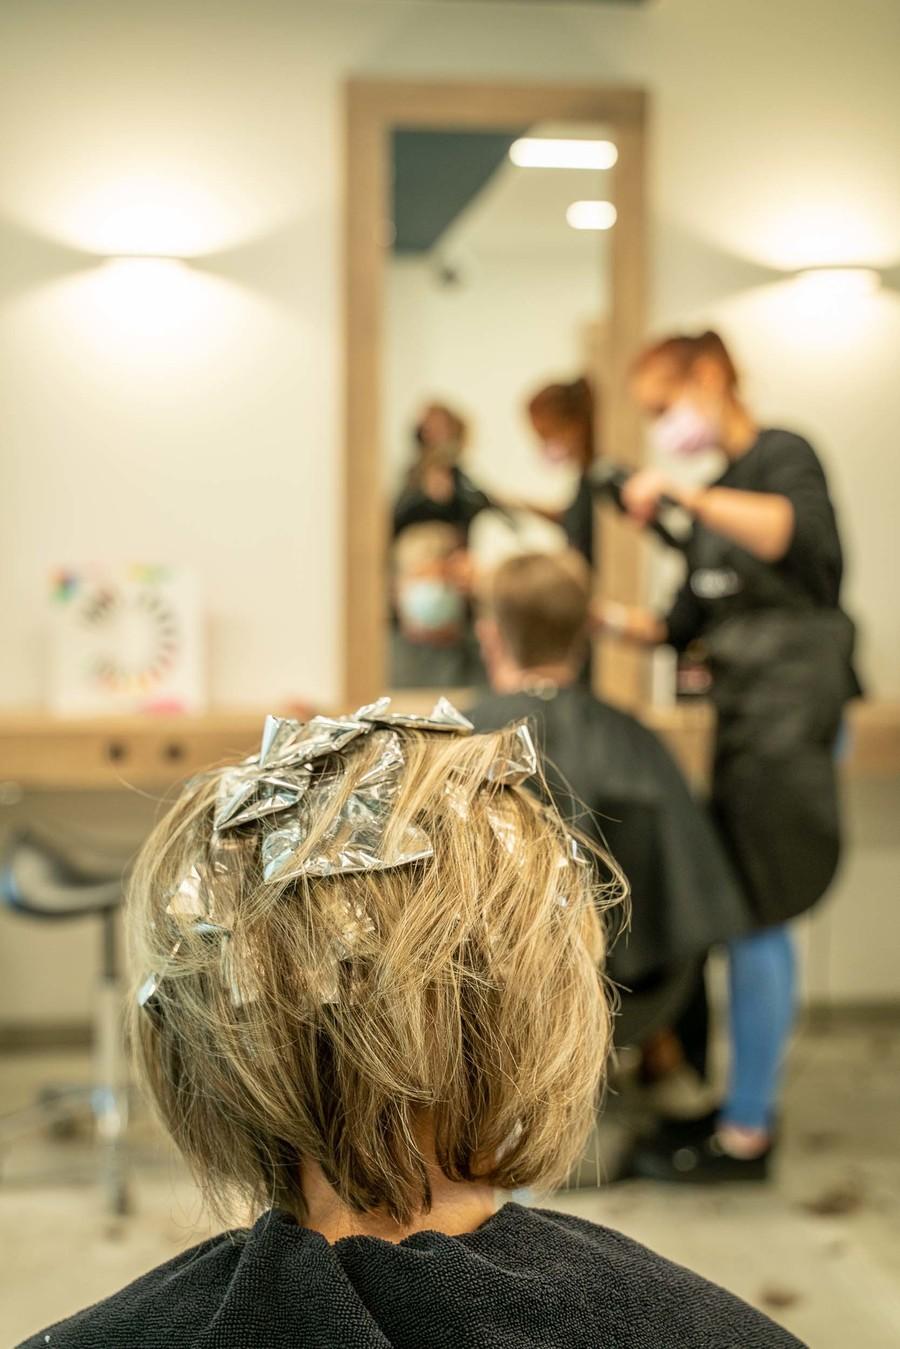 Vrouw met aluminiumpakjes in de haren